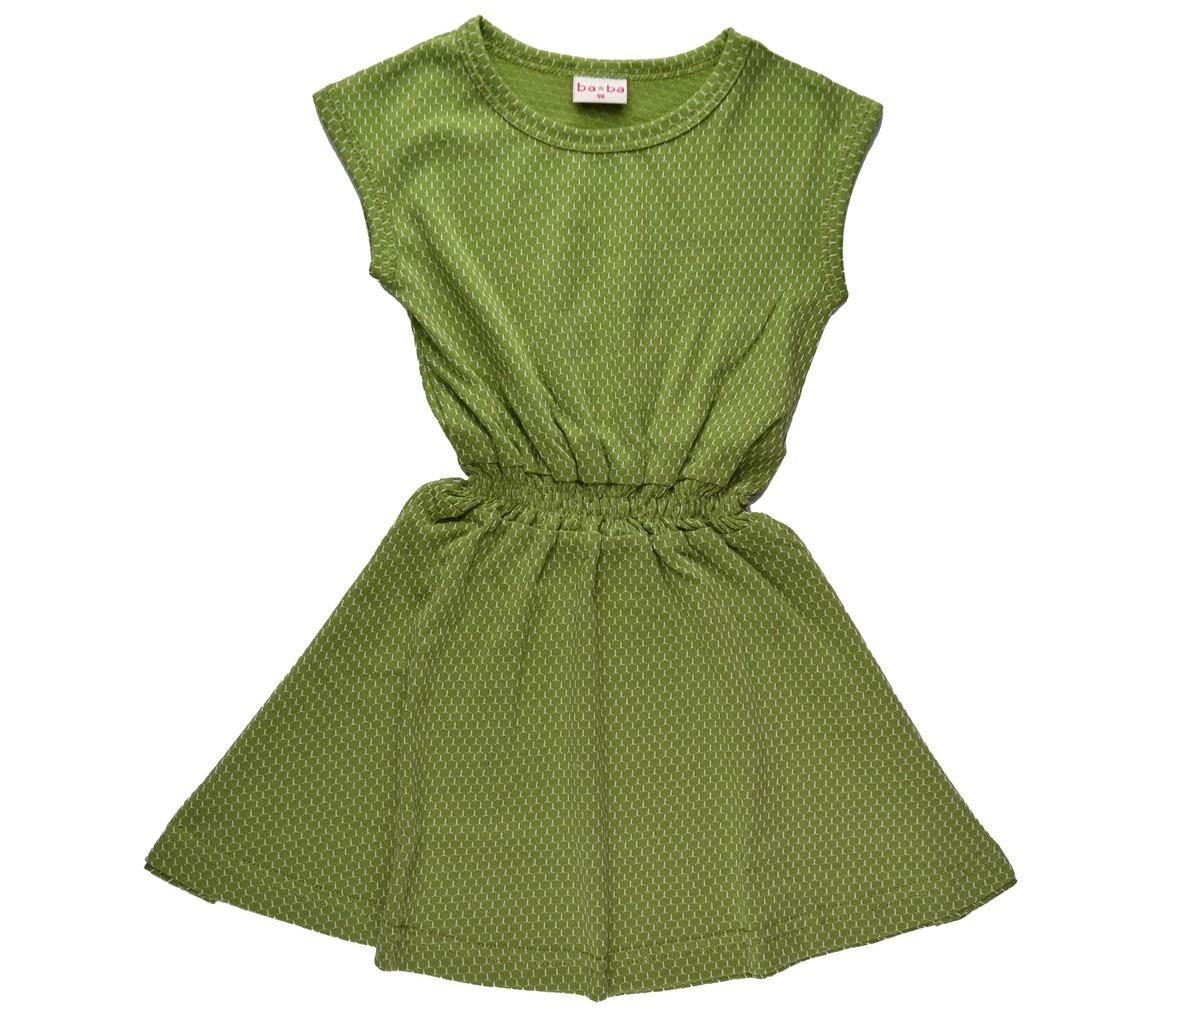 Kinderkleding Winkel Te Koop.Kidsstore Smock Dress Jaquard Ik Koop Belgisch Kinderkleding Van